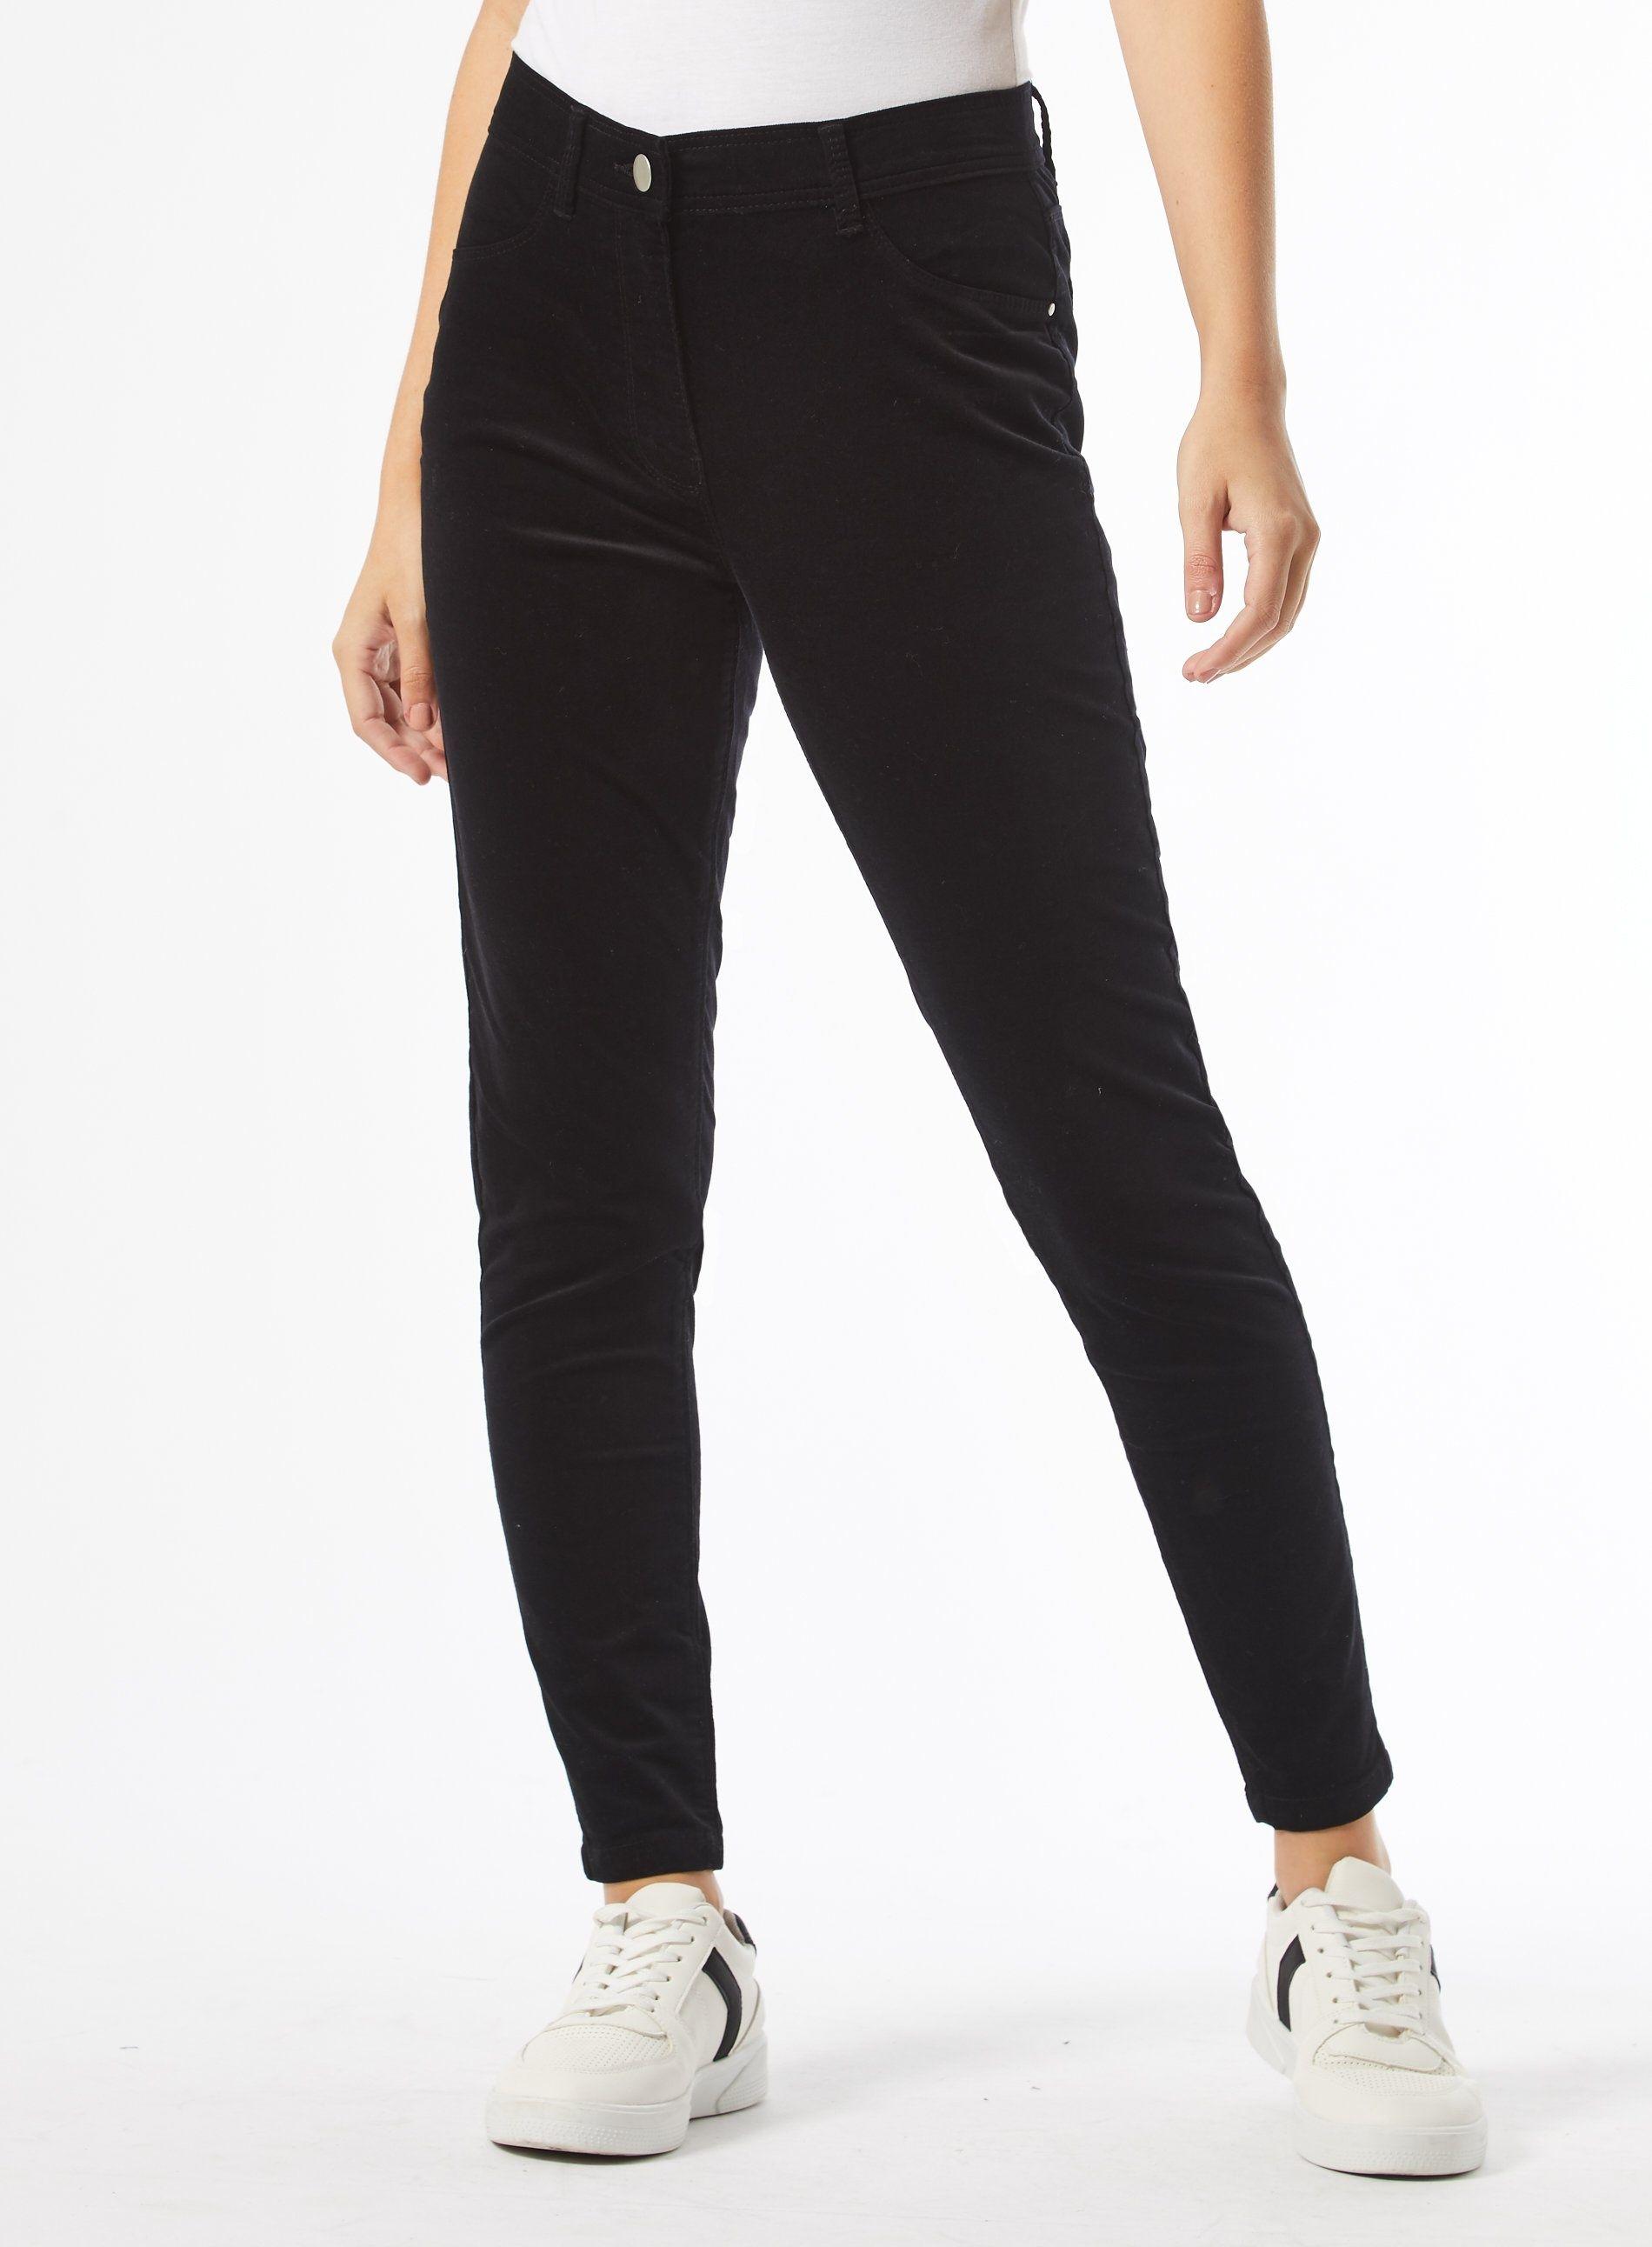 Dorothy Perkins Womens Petite Black Velvet Frankie Jeans Denim Pants Bottoms